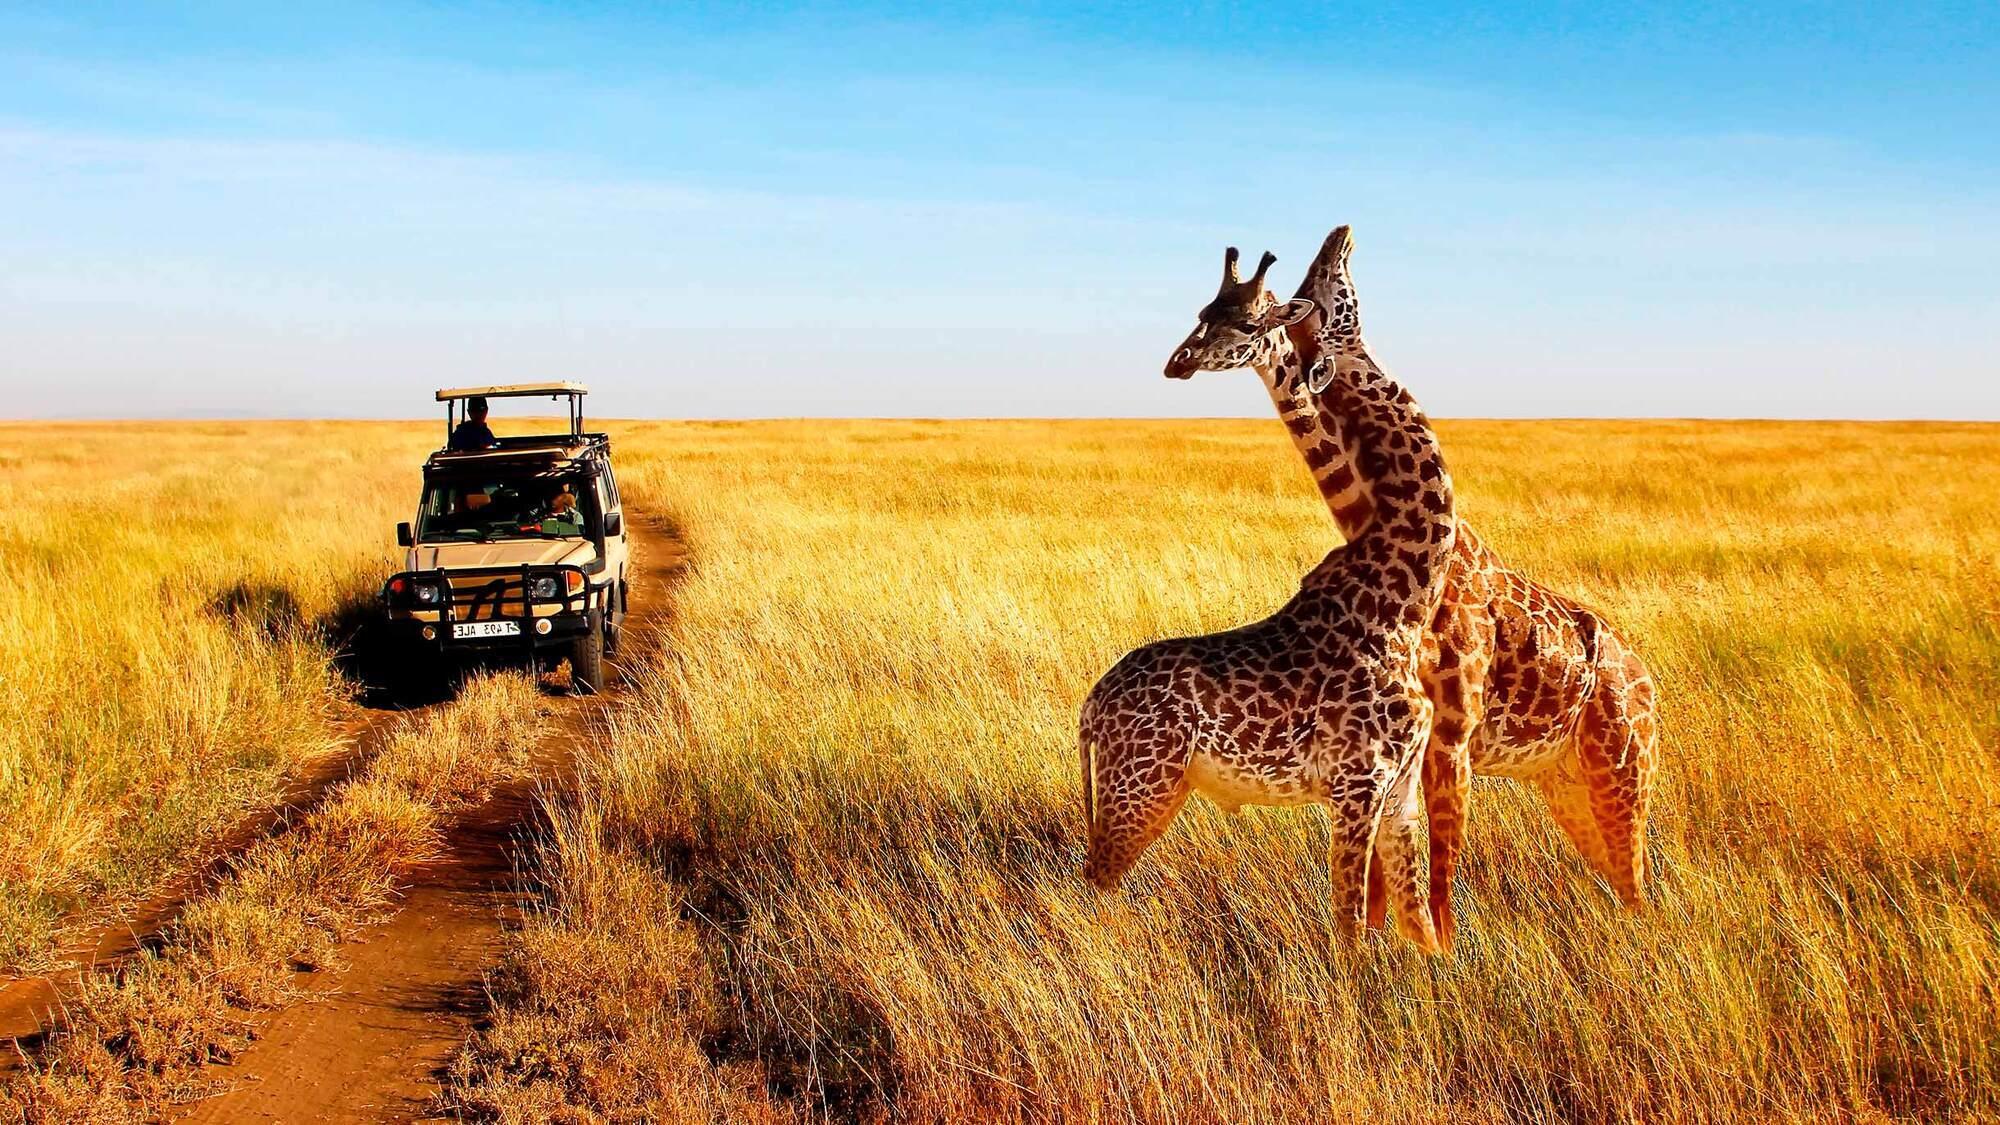 Три прямых рейса в Кению запланированы на 16 апреля, 24 апреля и 3 мая